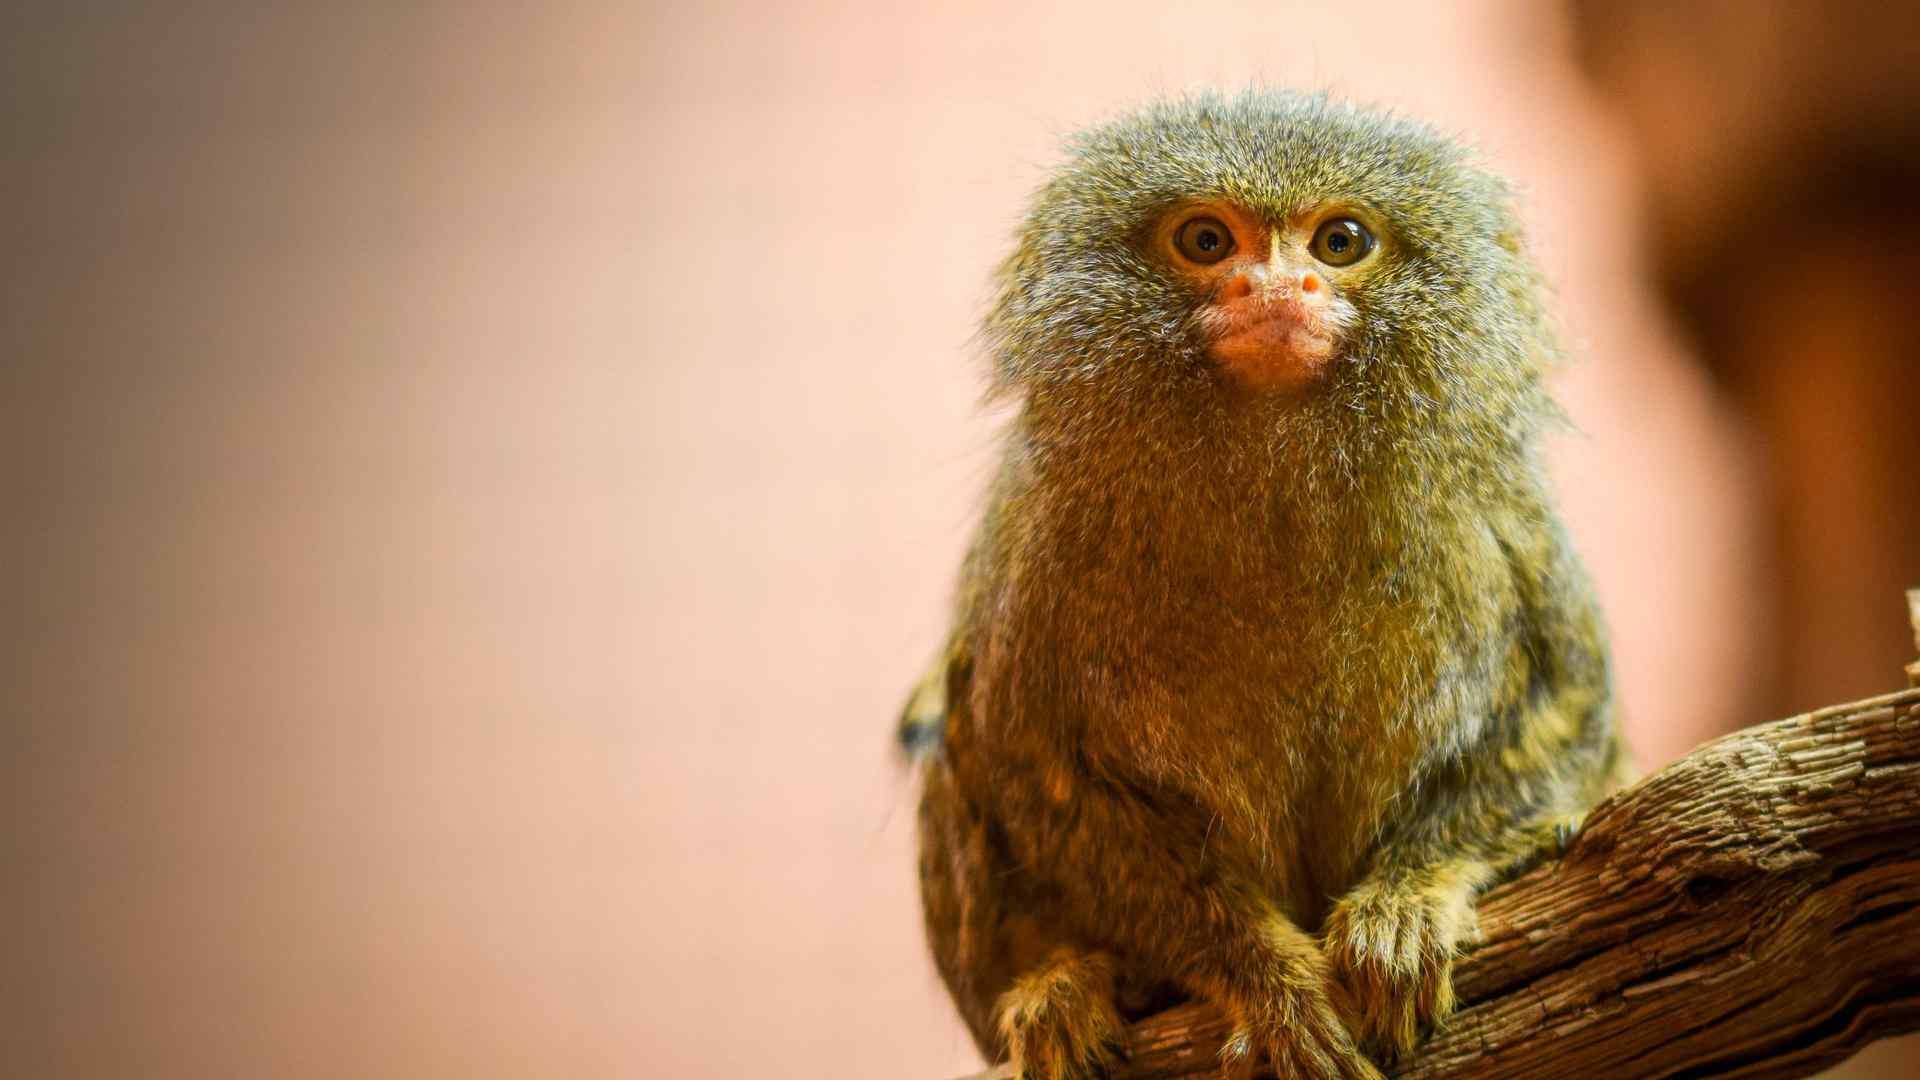 猴子可爱抱抱卖萌摄影图片高清桌面壁纸